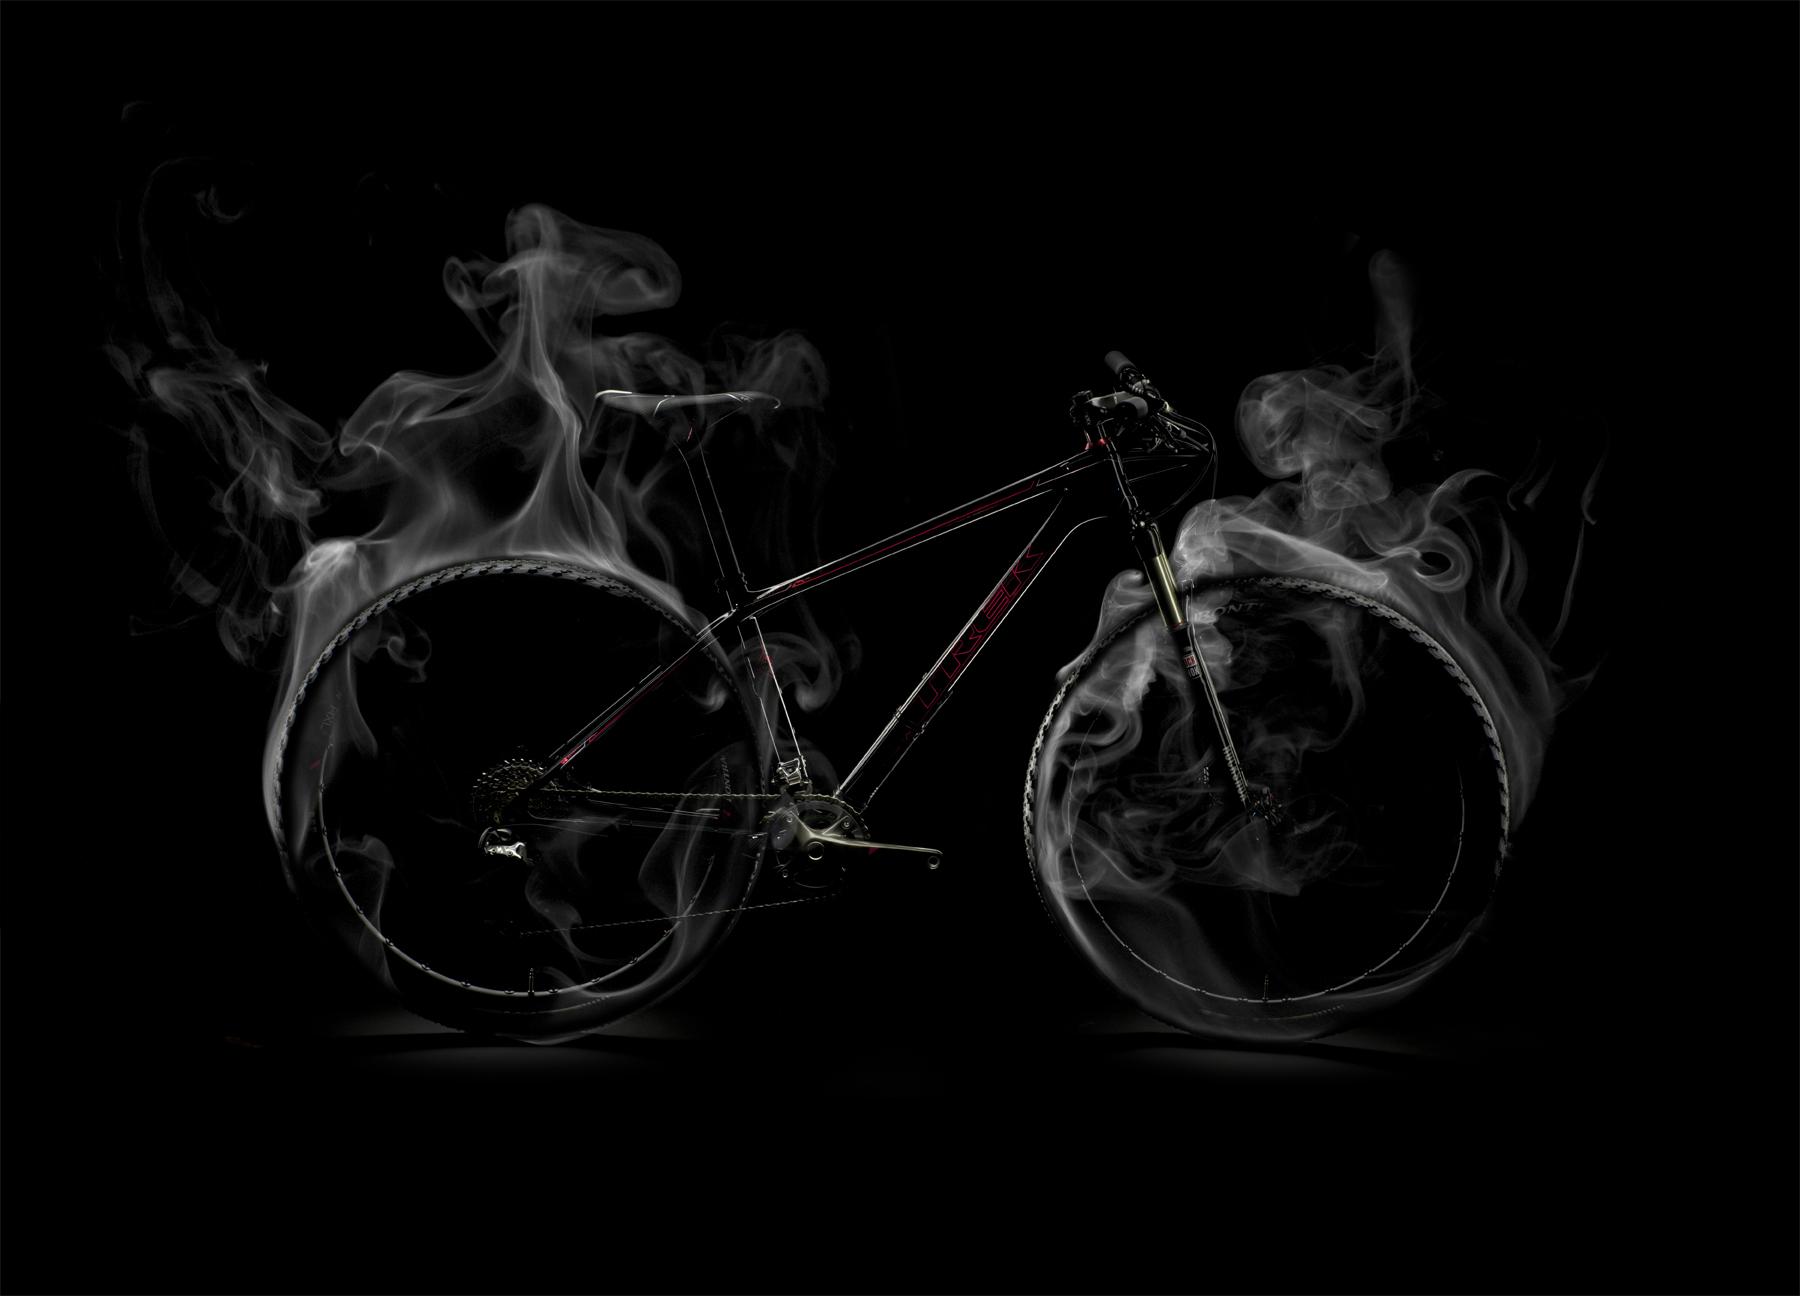 Smokey_Profile.jpg